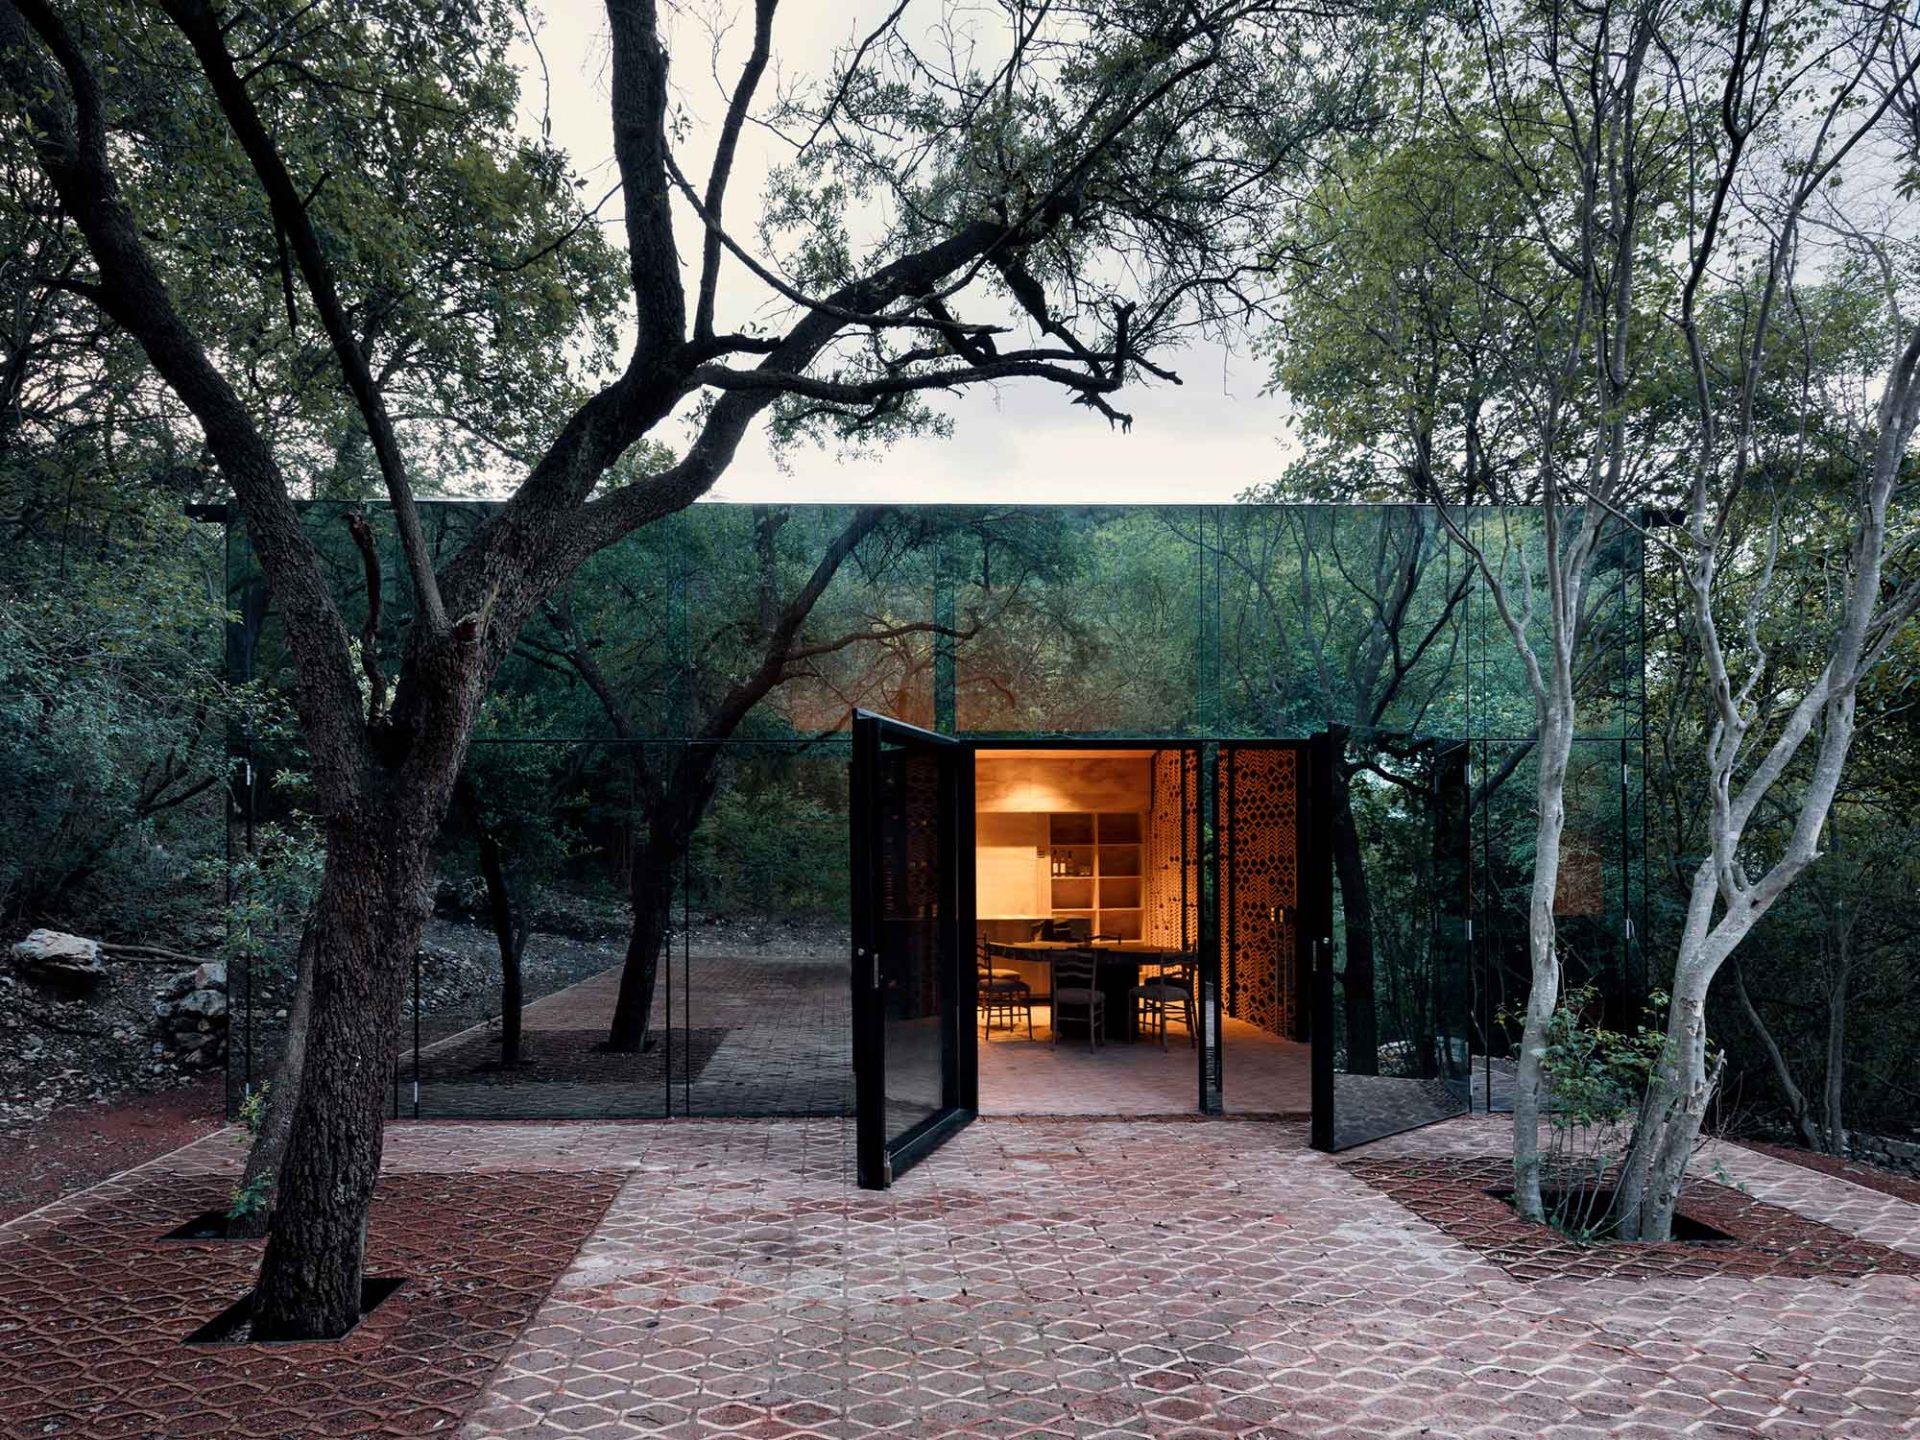 Wohnhaus, Tatiana Bilbao